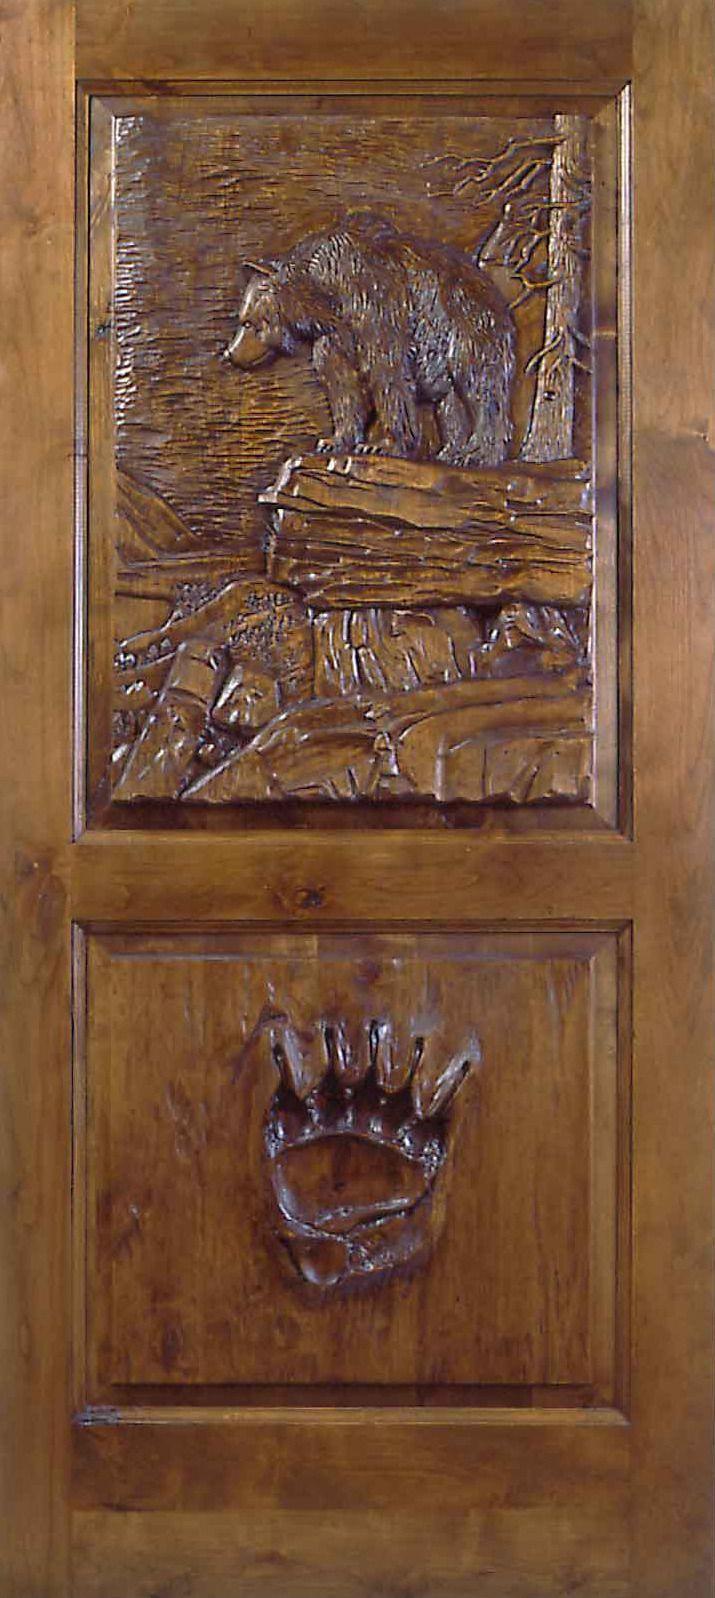 Hand carved one-of-a-kind door.Interiors Doors, Decor Ideas, Hands Carvings, Beautiful Hands, Mountain Cabin, Carvings Doors, Logs Home, Cabin Door, Wood Doors